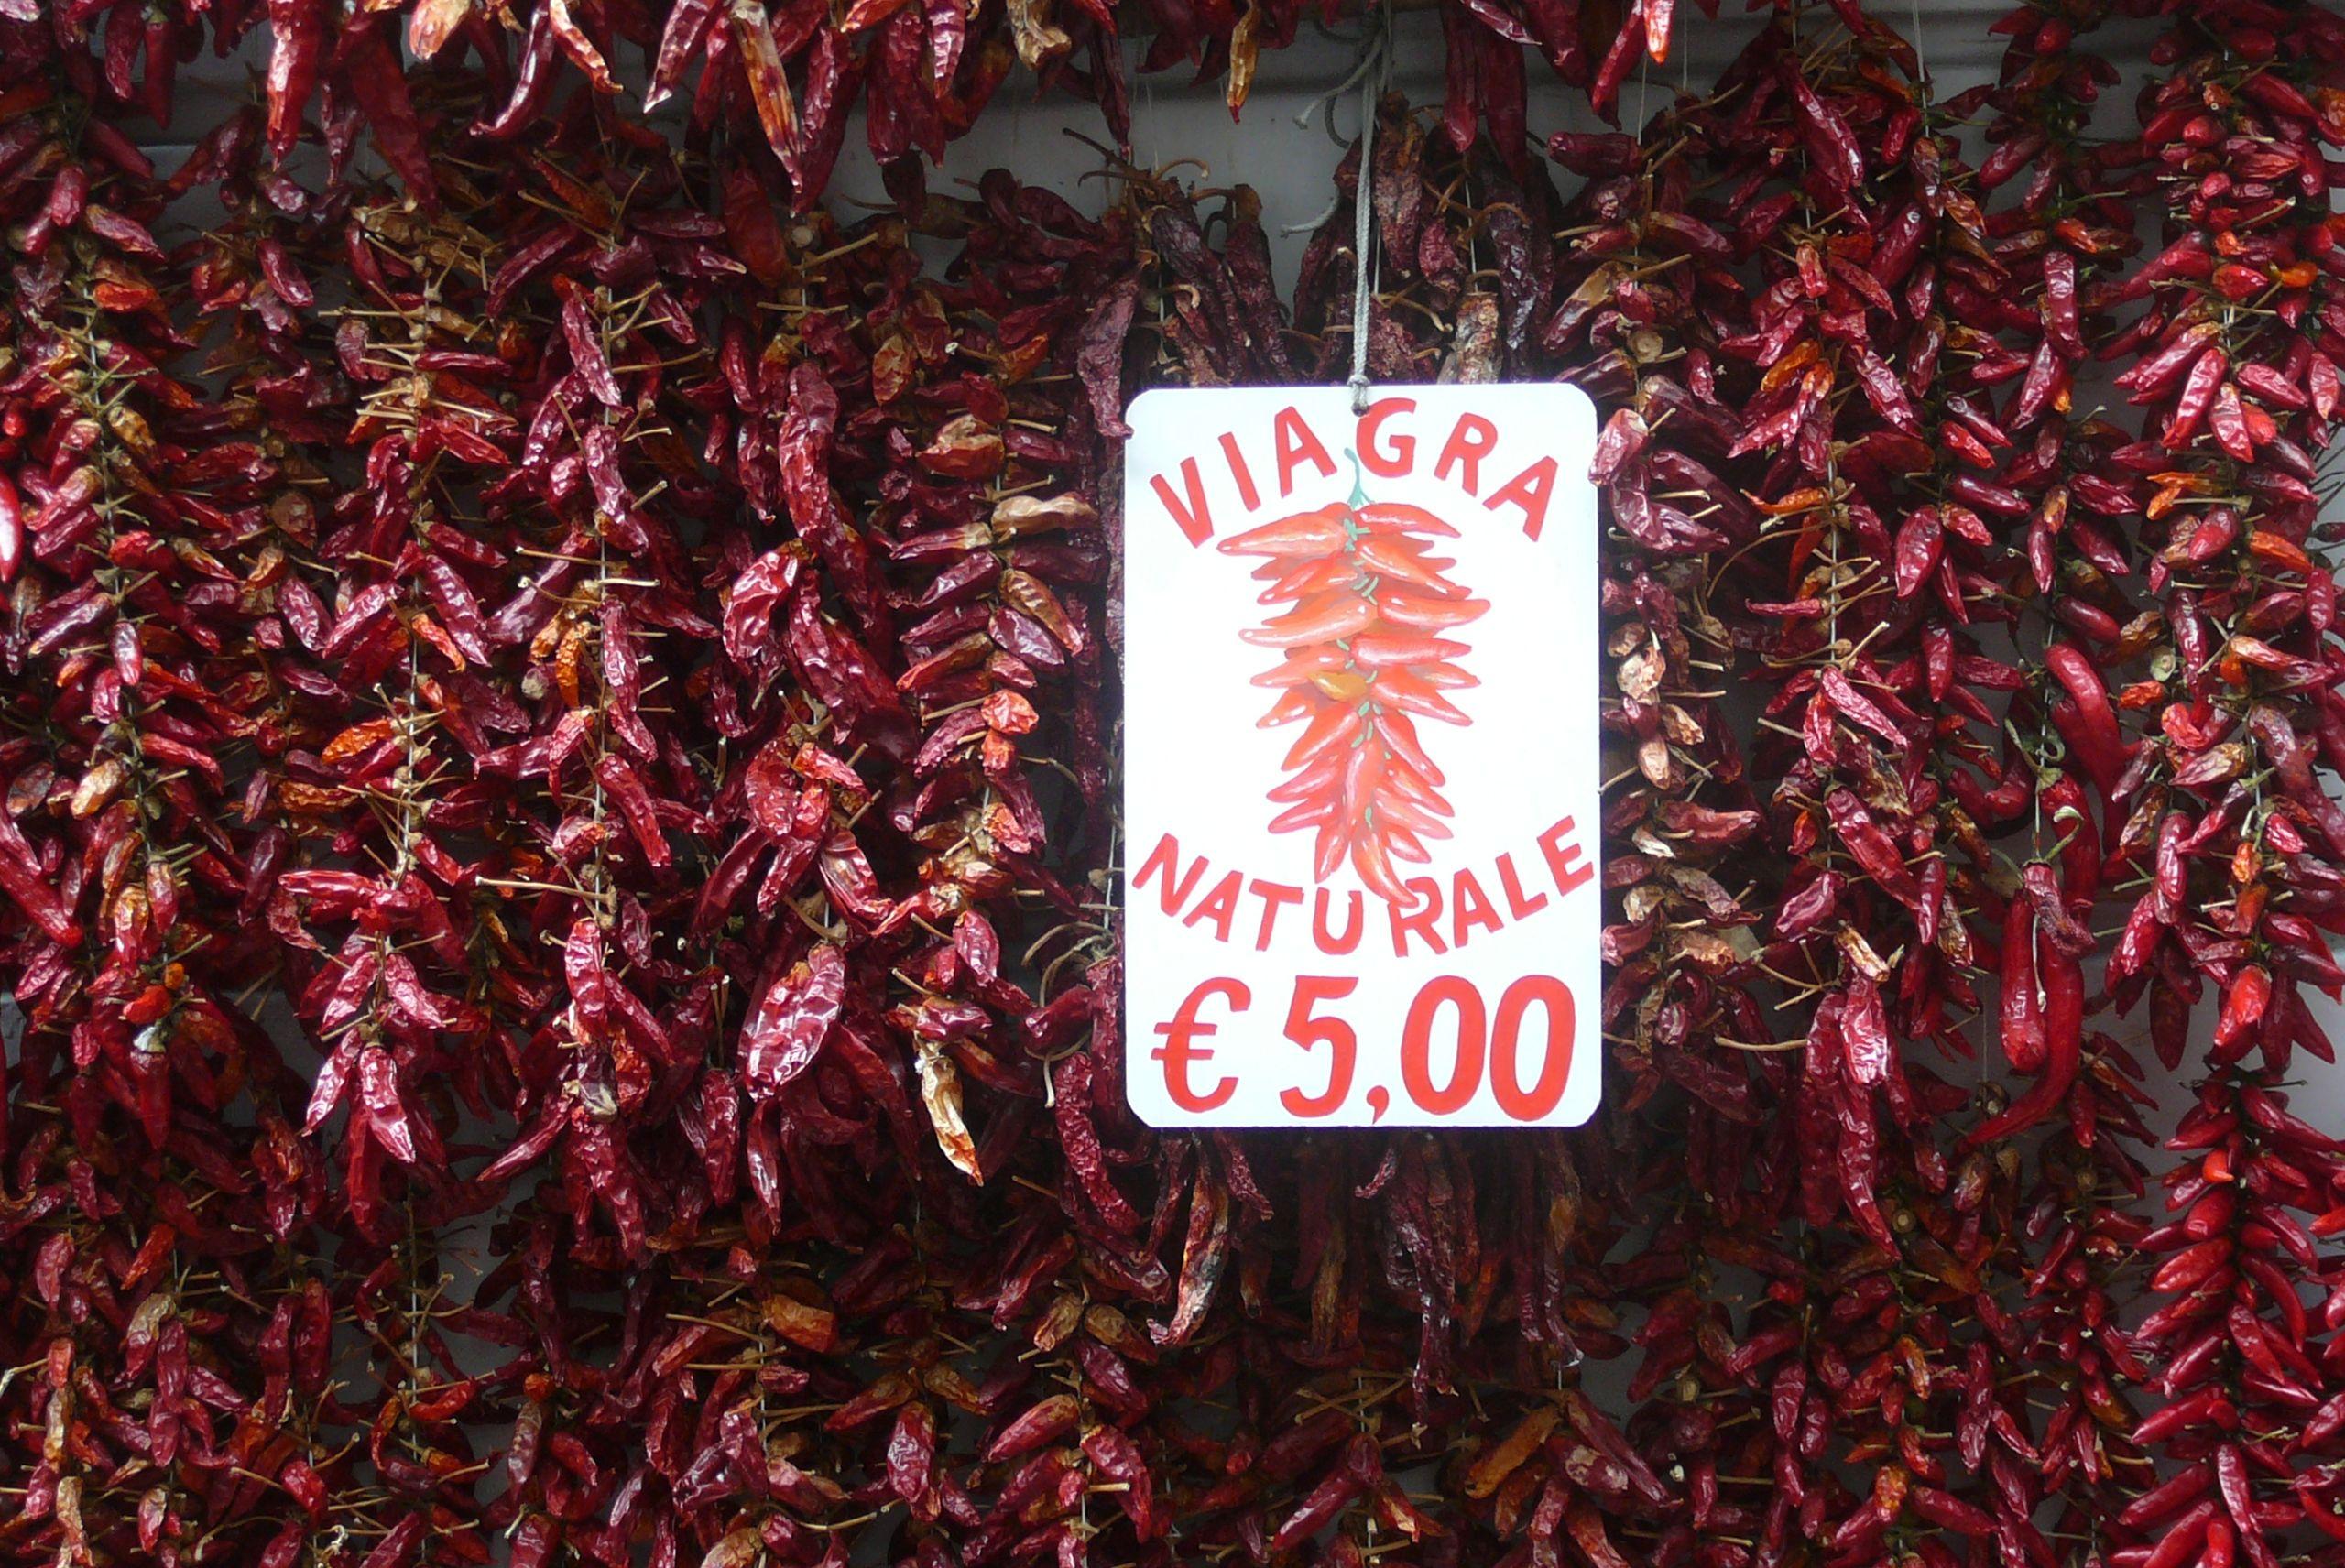 Die Italiener kennen sich aus mit Amore. Statt den sündhaft teuren blauen Pillen  werden in Amalfi an der Amalfiküste zwischenmenschliche Steigerungsmittel in kwietschrot zum Spottpreis angeboten. Vielen Dank an Wolfgang Busch aus #Recklinghausen für dieses Foto.